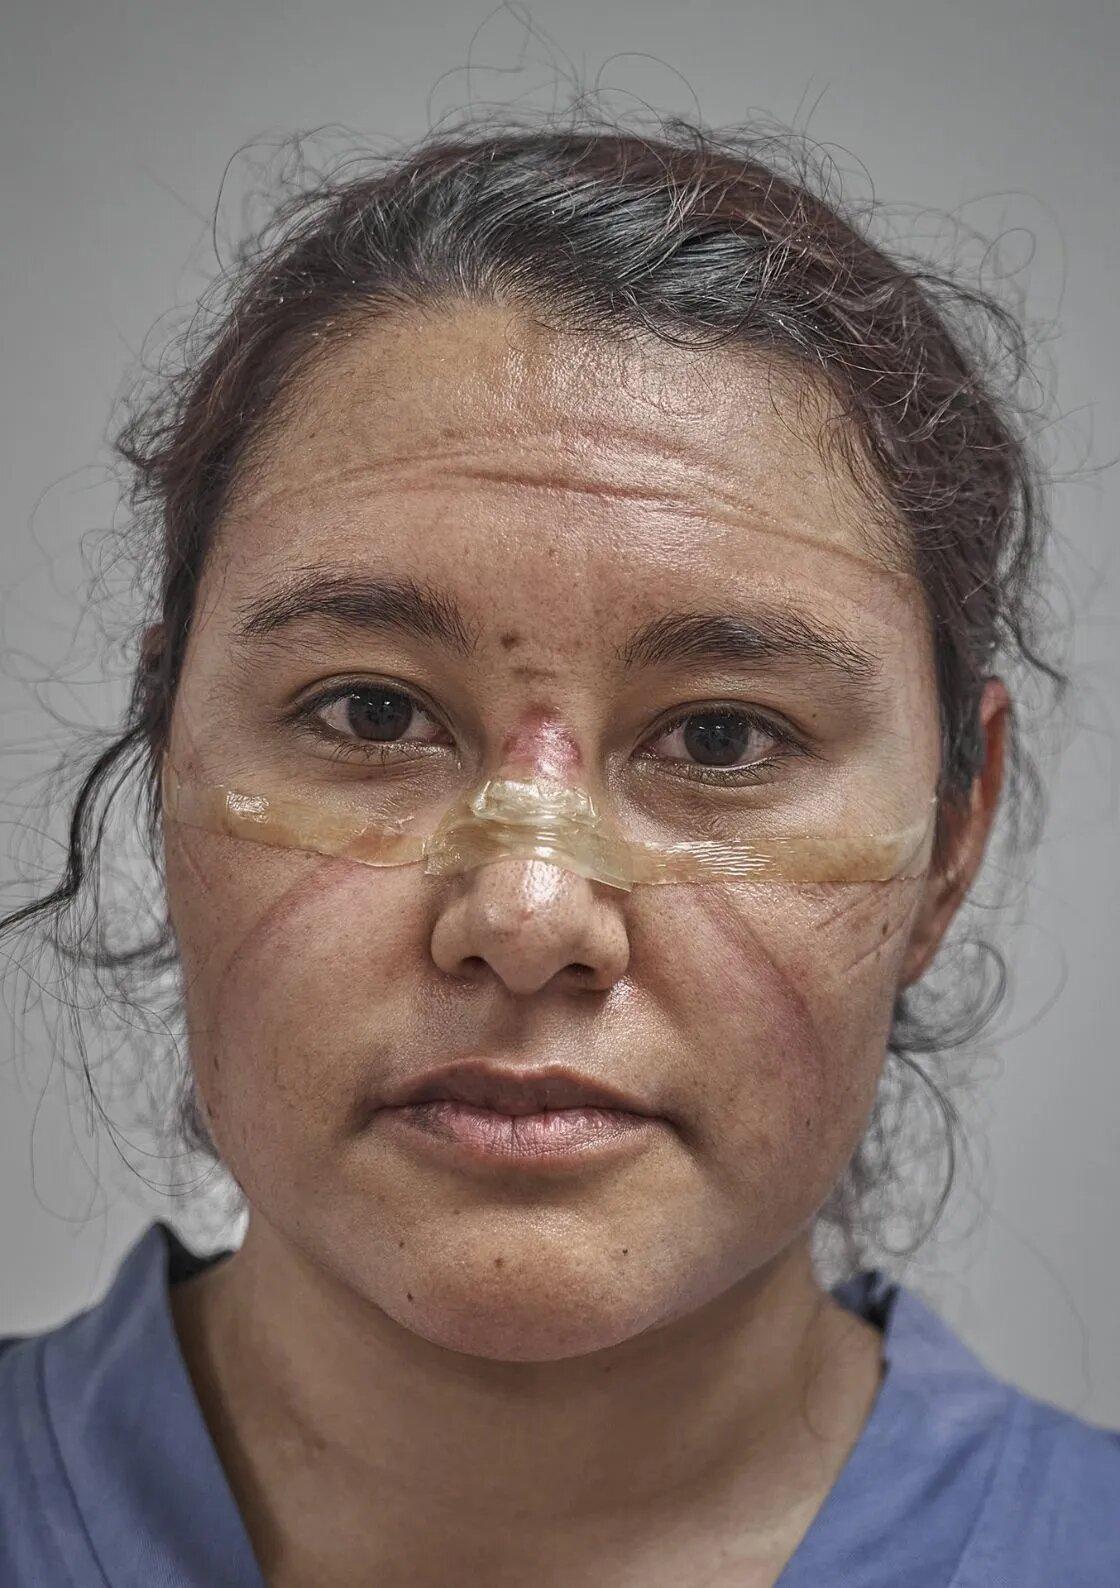 Fotógrafo mexicano Iván Macías es nominado al World Press Photo 2021